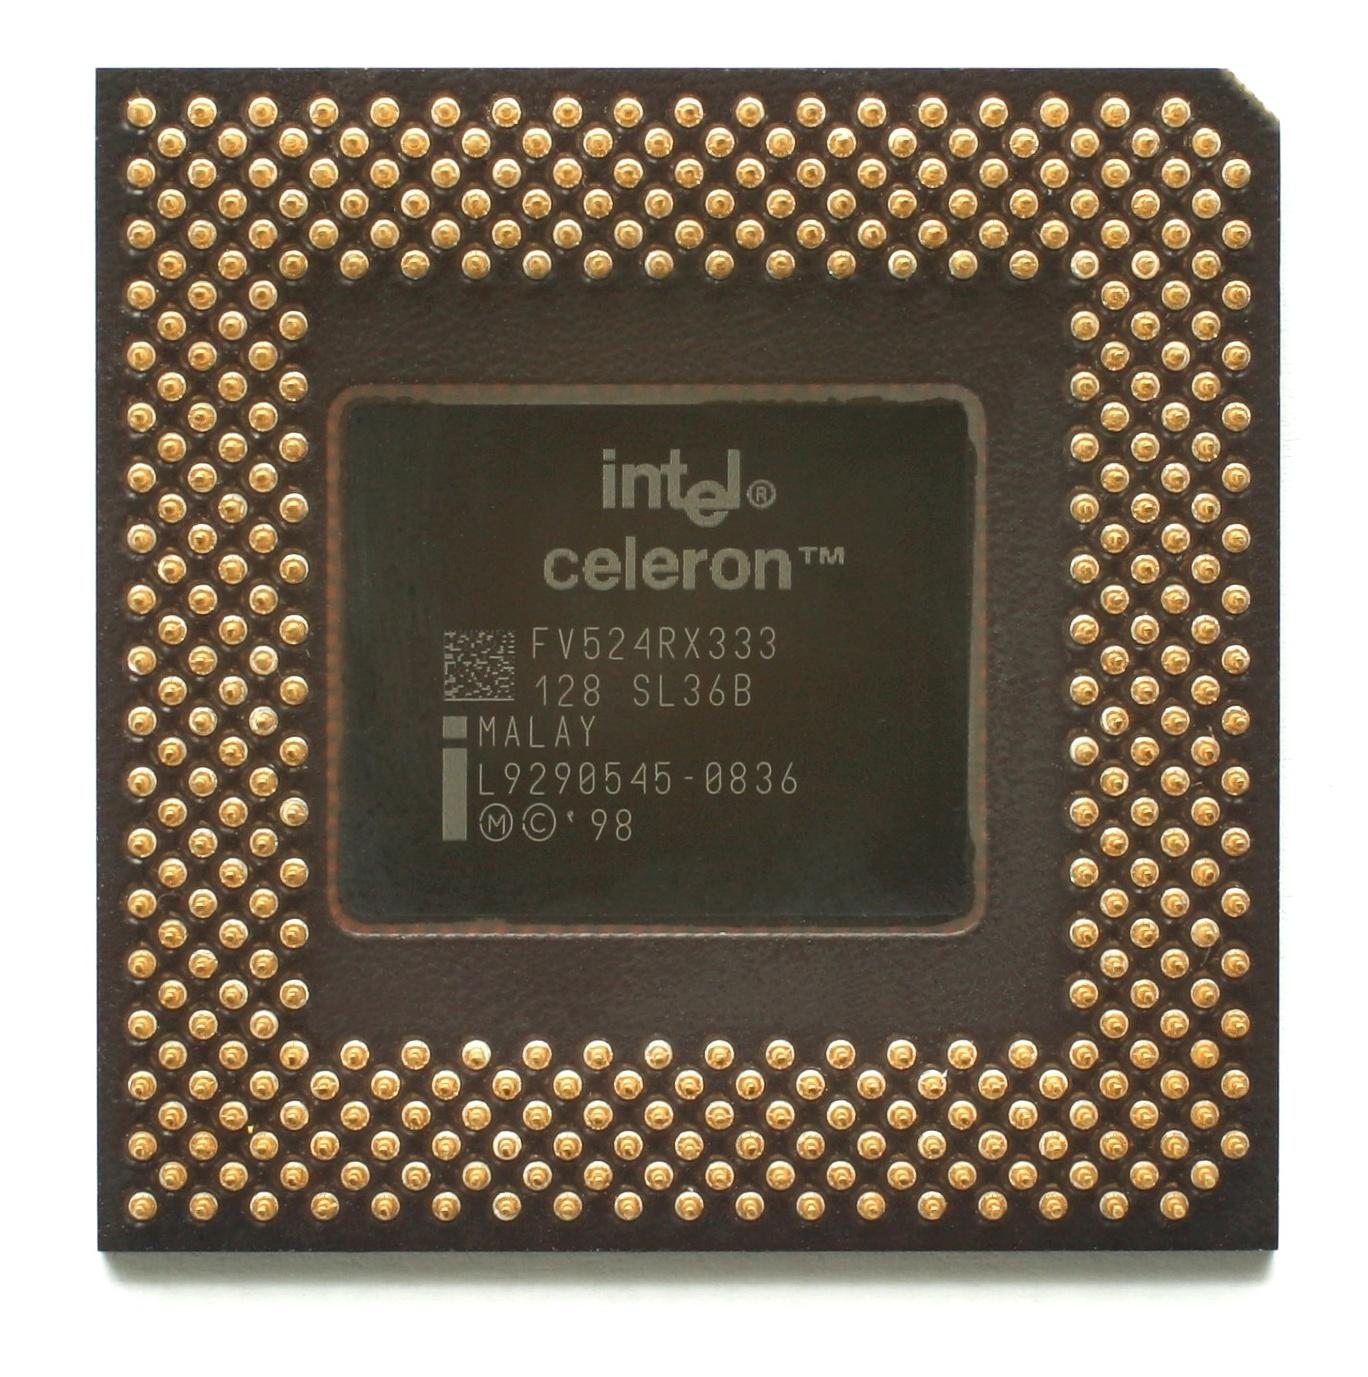 intel core 2 duo processor architecture pdf